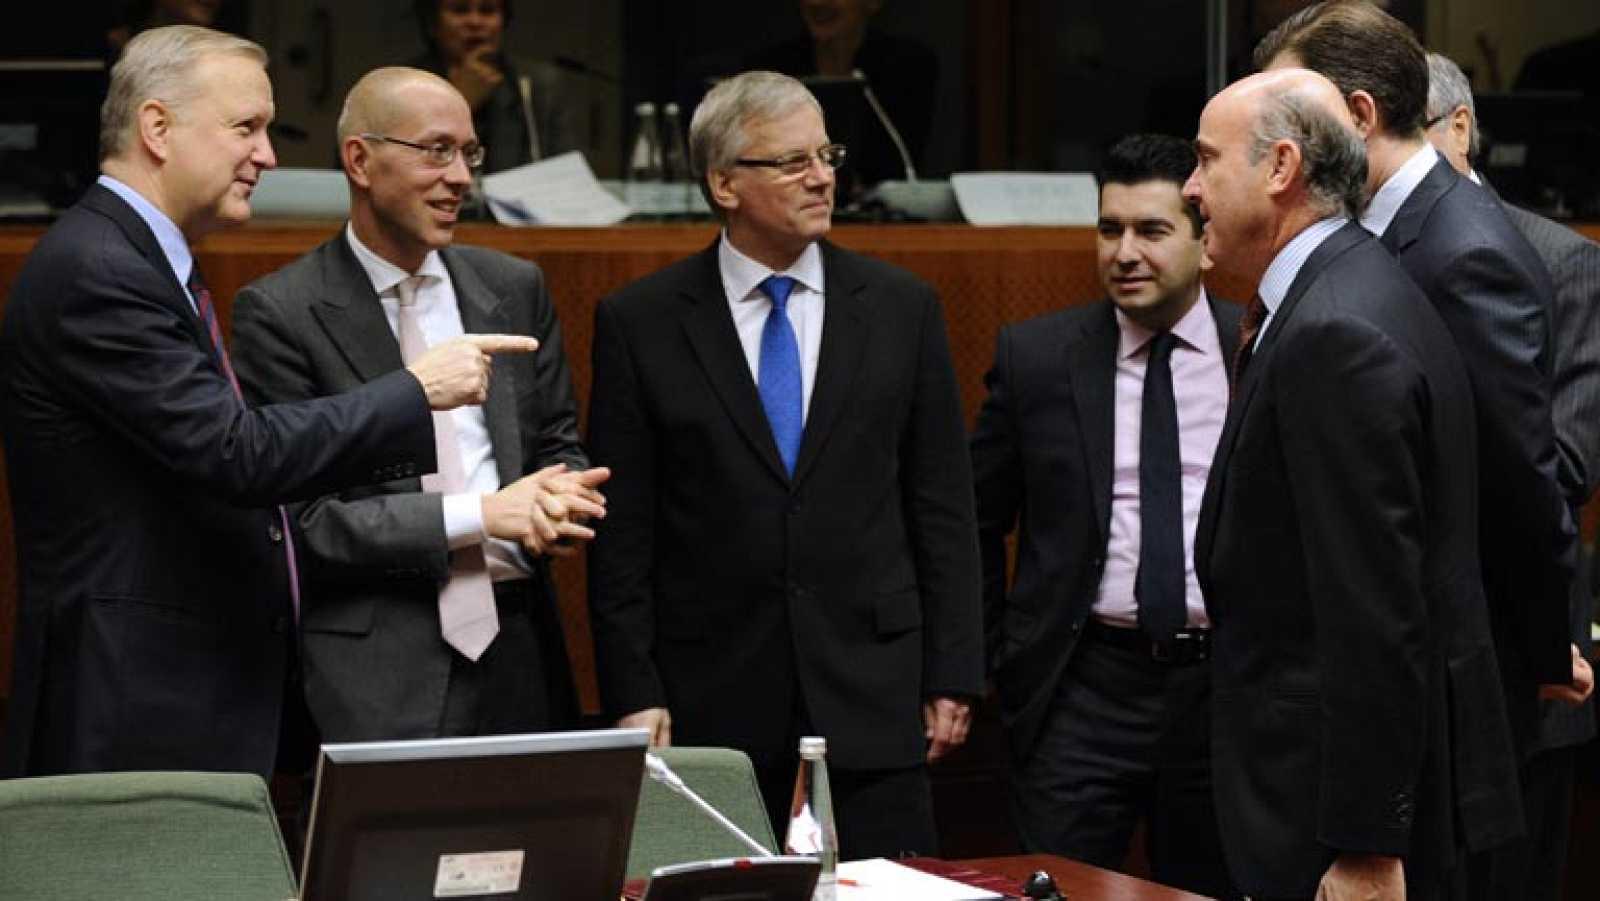 Principio de acuerdo en la UE para crear un mecanismo común para reestructurar bancos